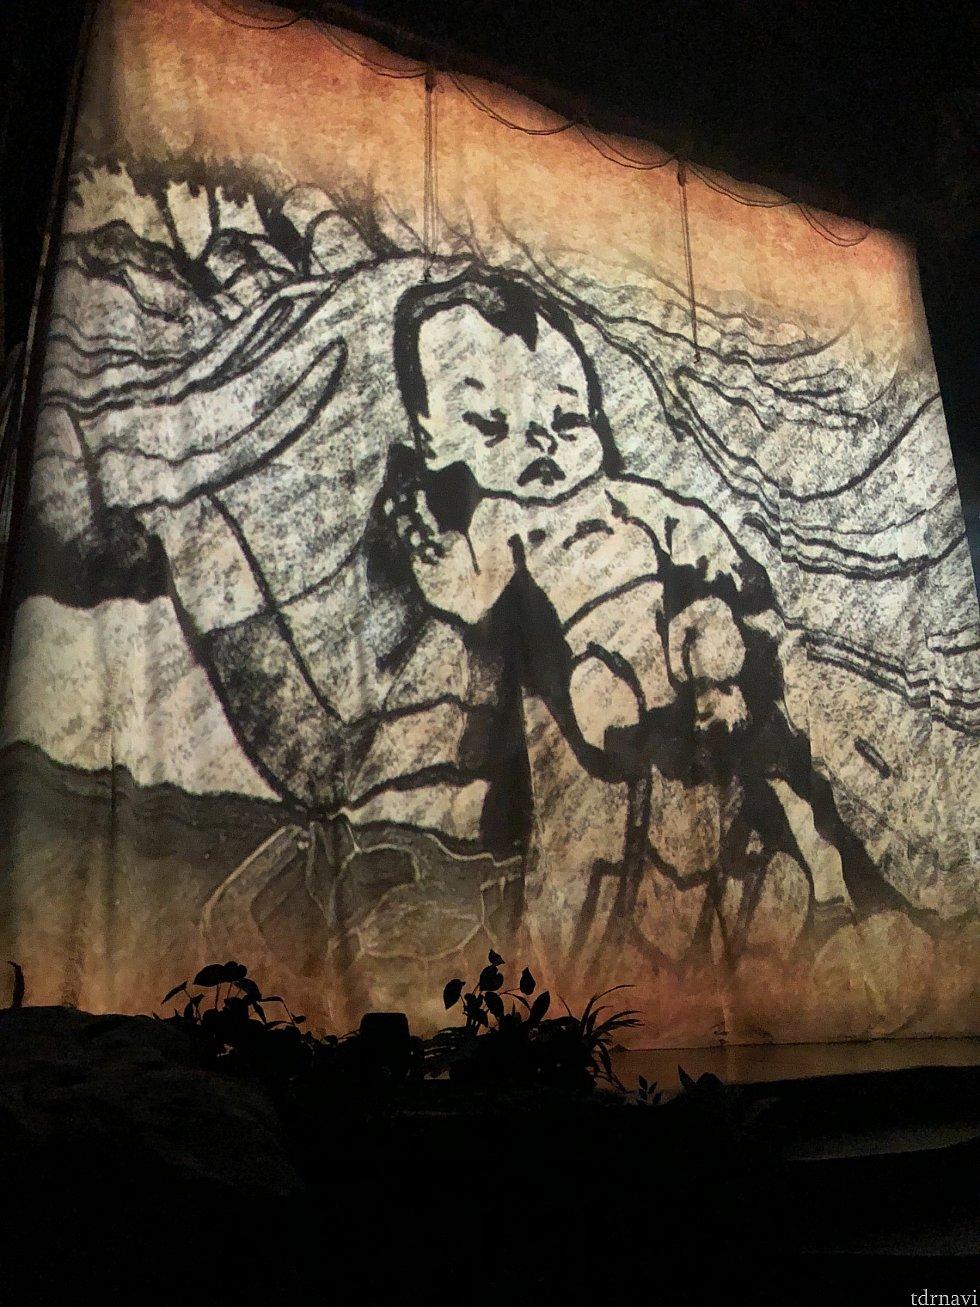 オープニングはこの幕にターザンの生い立ちが映し出されます。